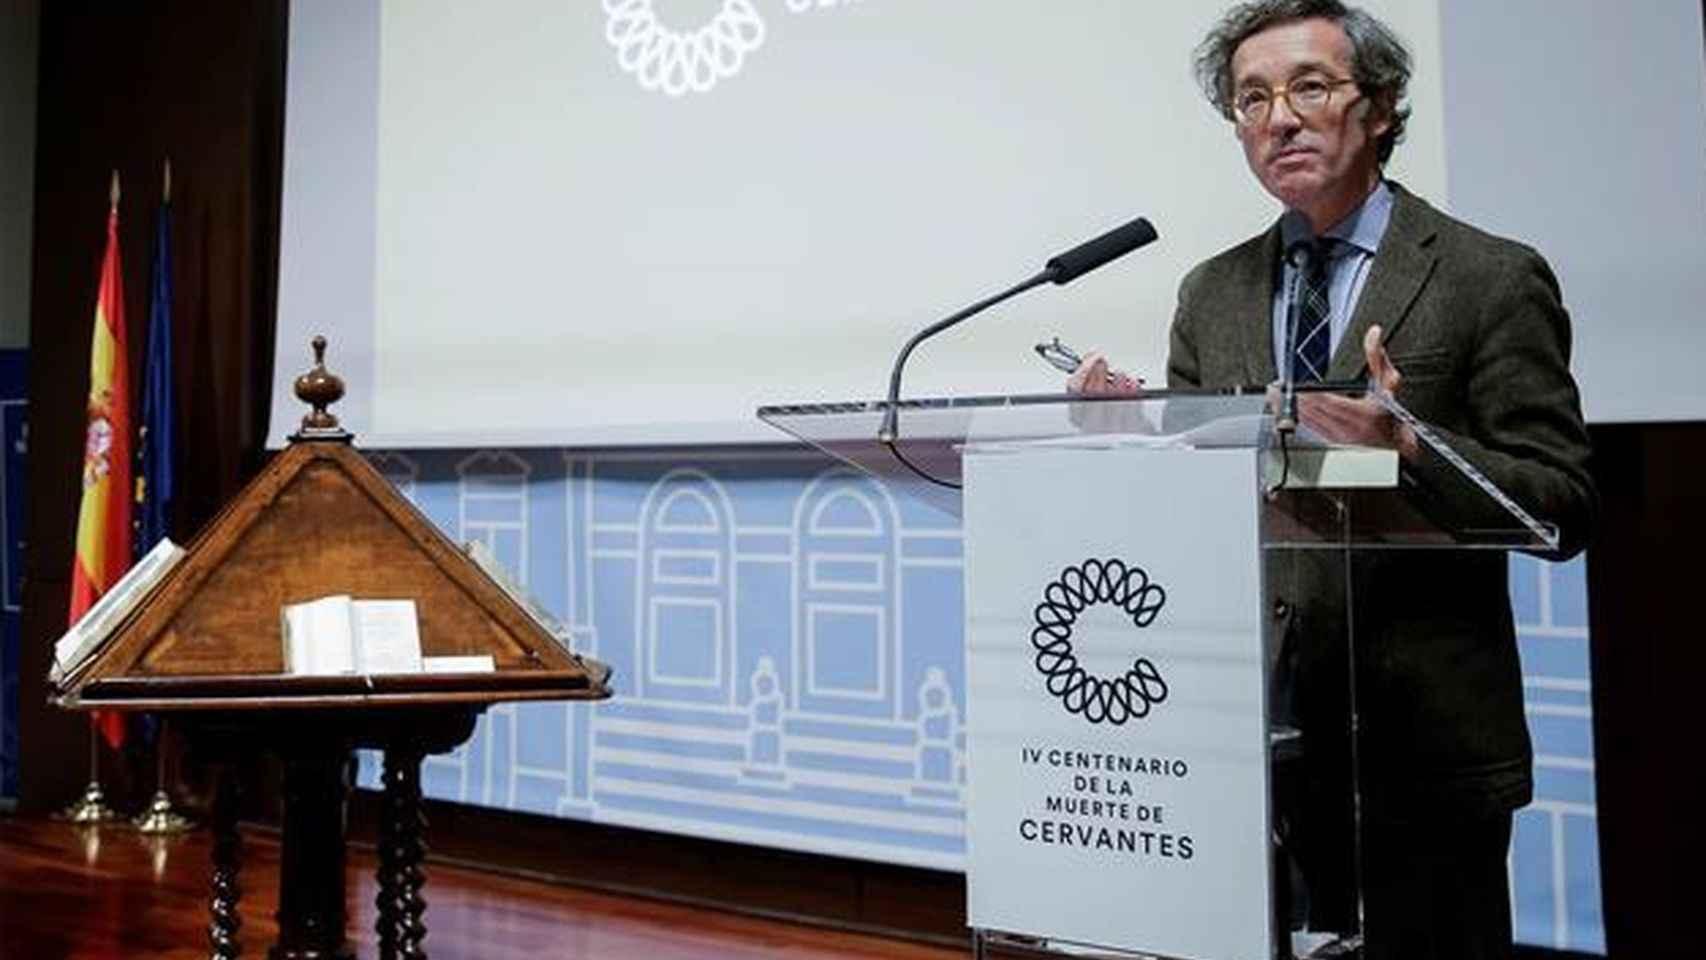 José María Lassalle durante el acto de presentación del Año Cervantes en la BNE.